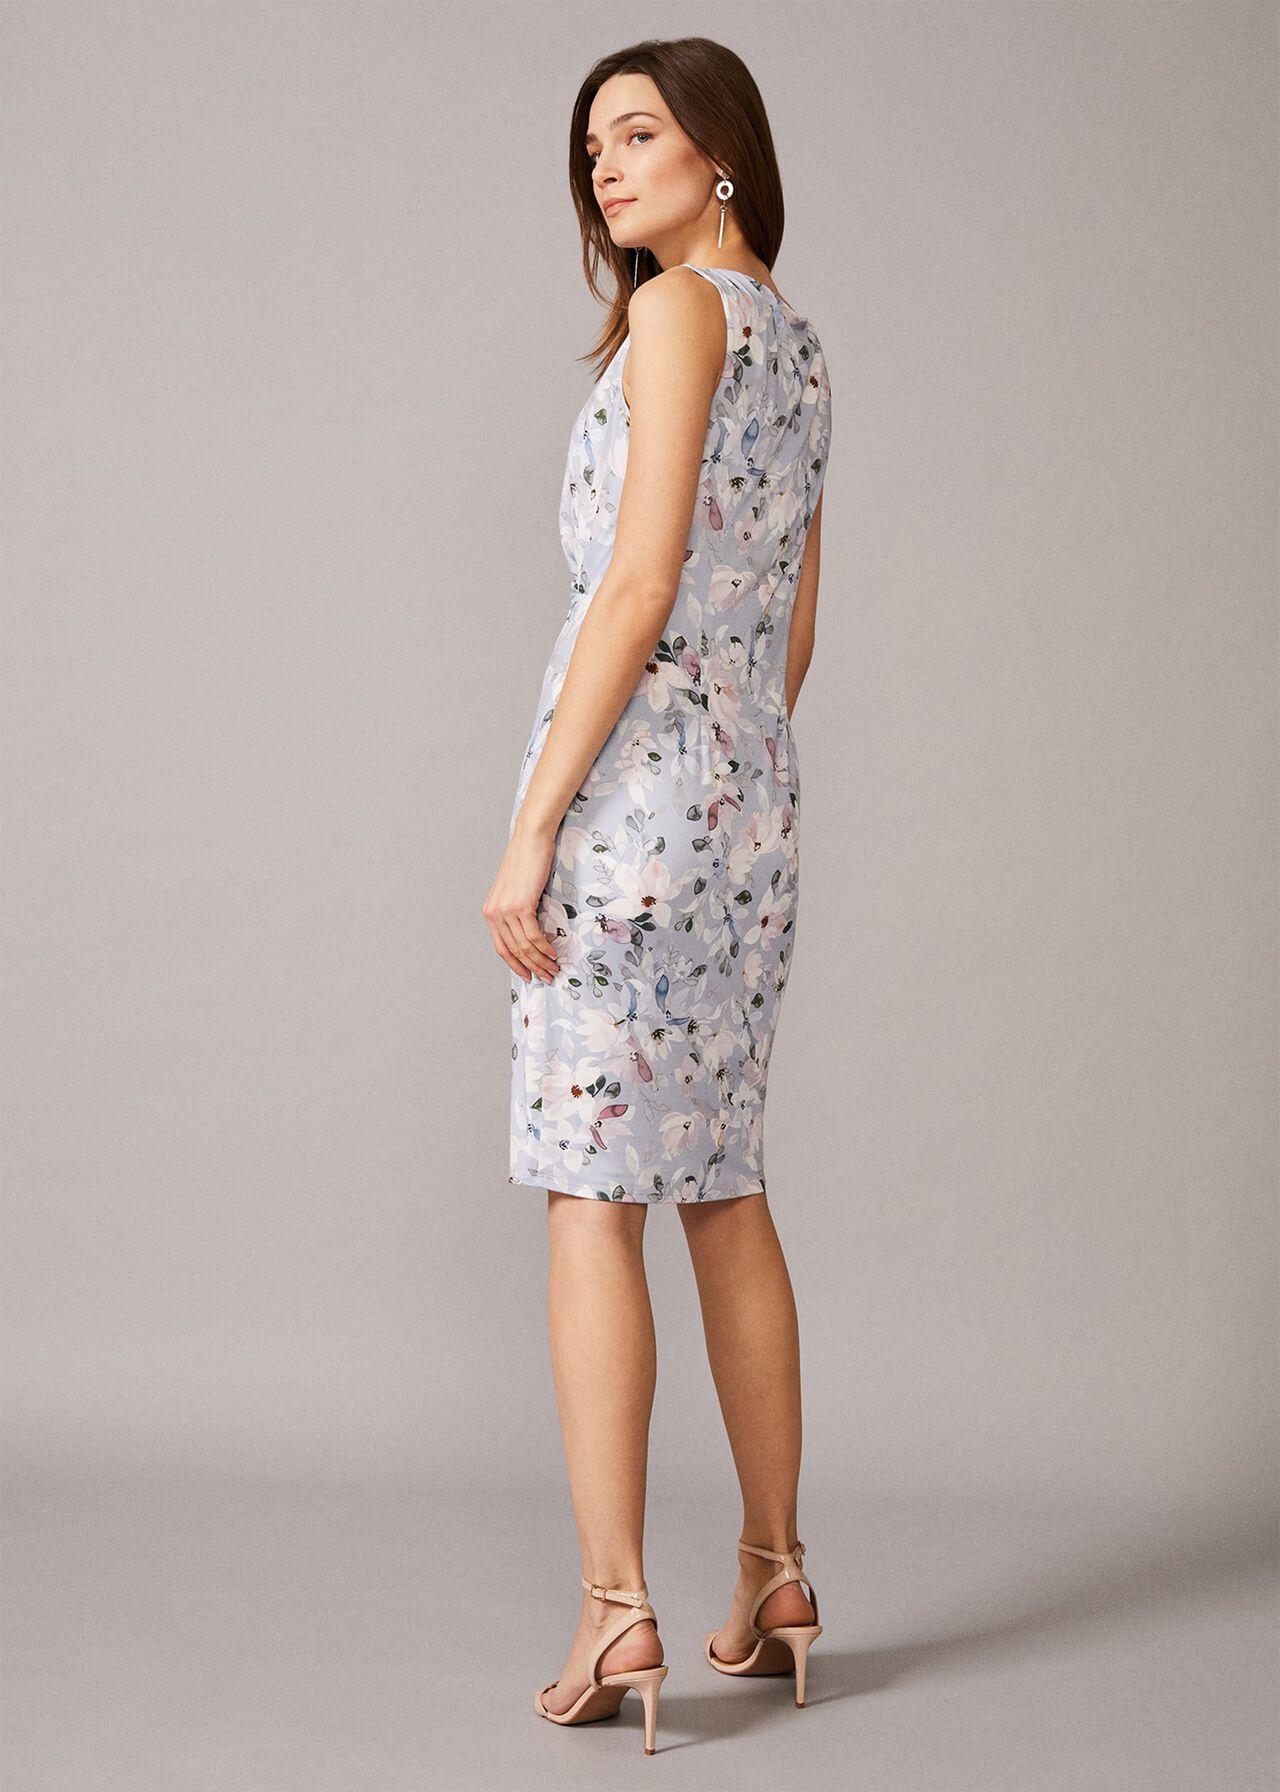 Etta Floral Jersey Dress